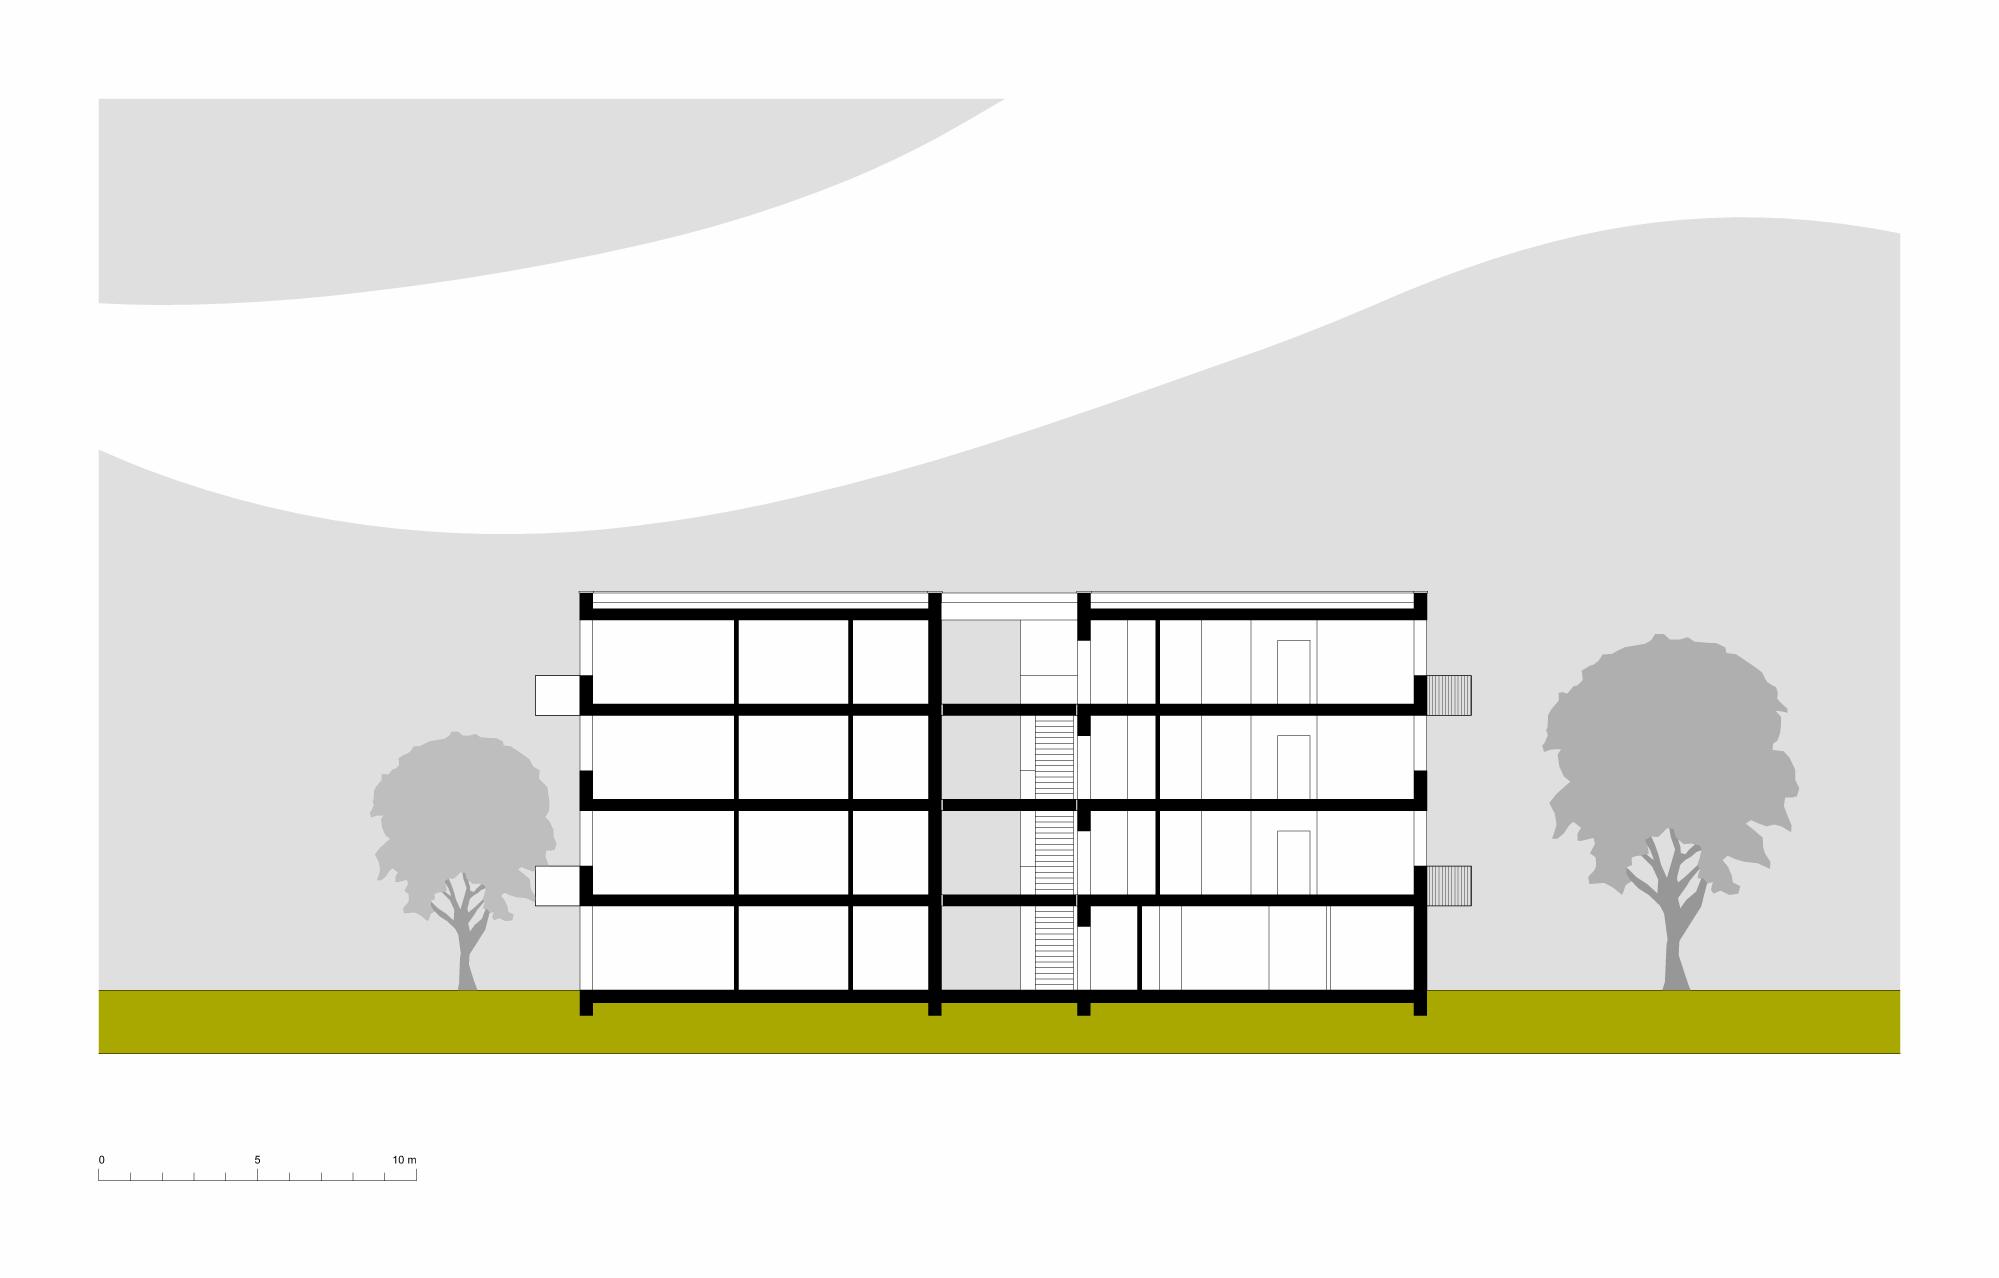 Oberlicht schnitt  Schulerweiterung Schule am Ilmer Barg – Bosse Westphal Schäffer